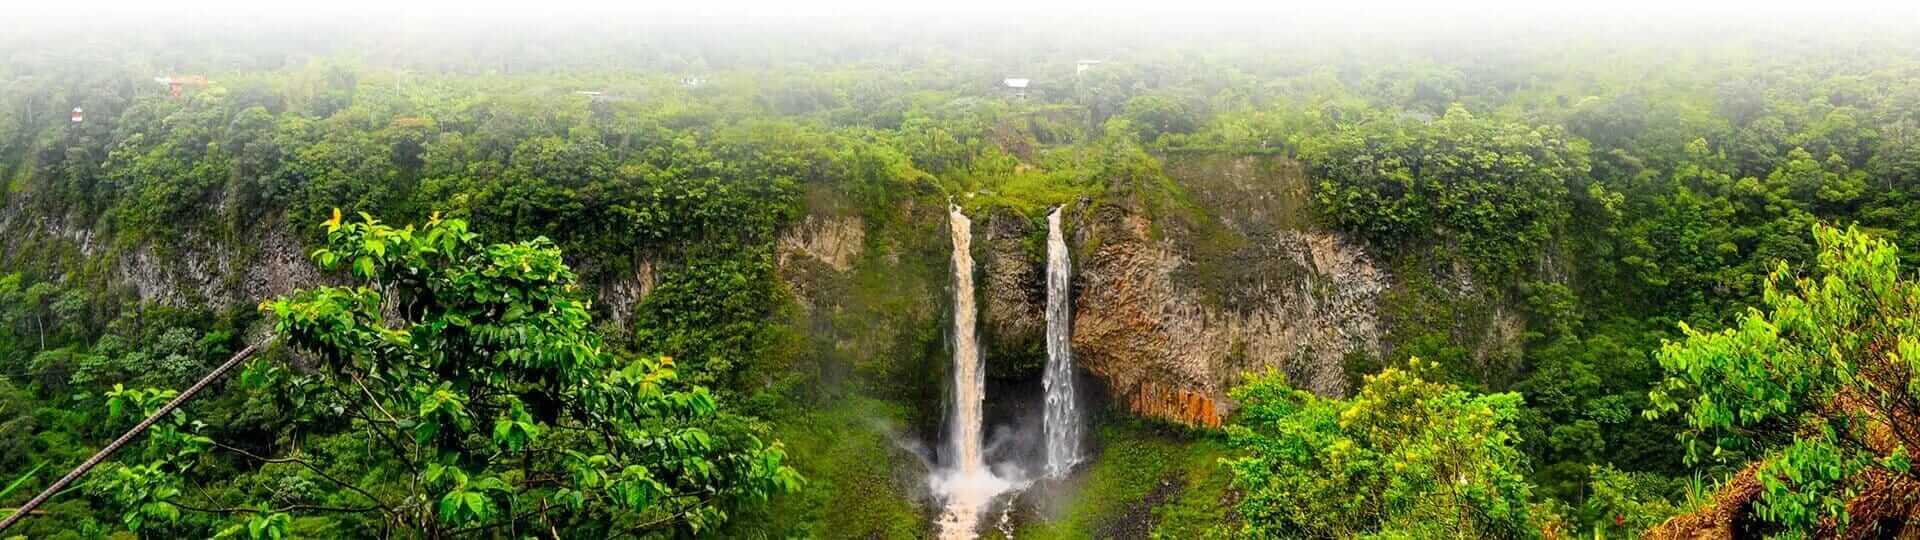 banos ecuador twin waterfalls